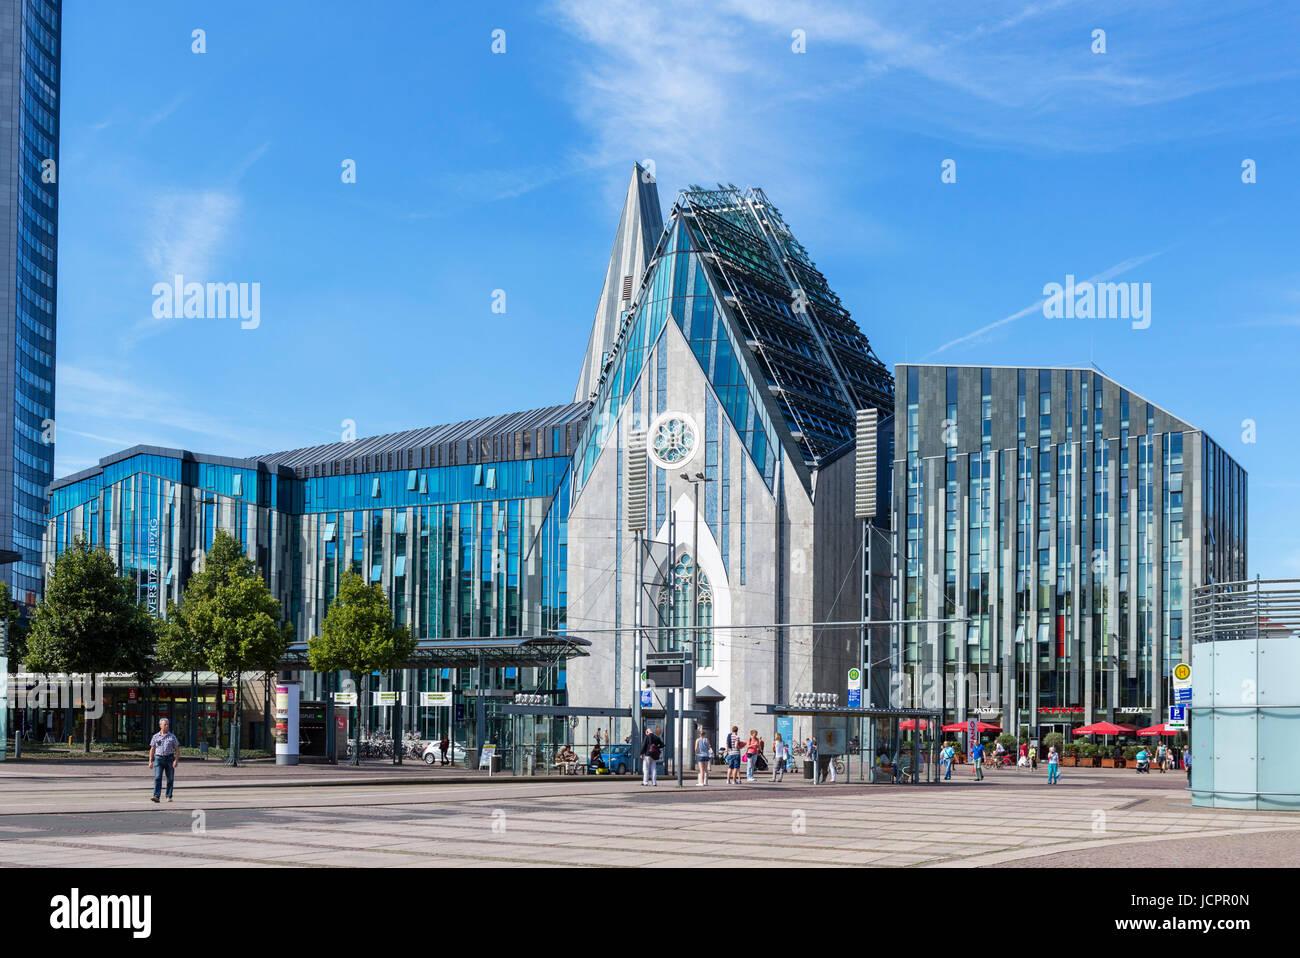 El edificio principal de la Universidad de Leipzig, Augustusplatz, Leipzig, Sajonia, Alemania Foto de stock